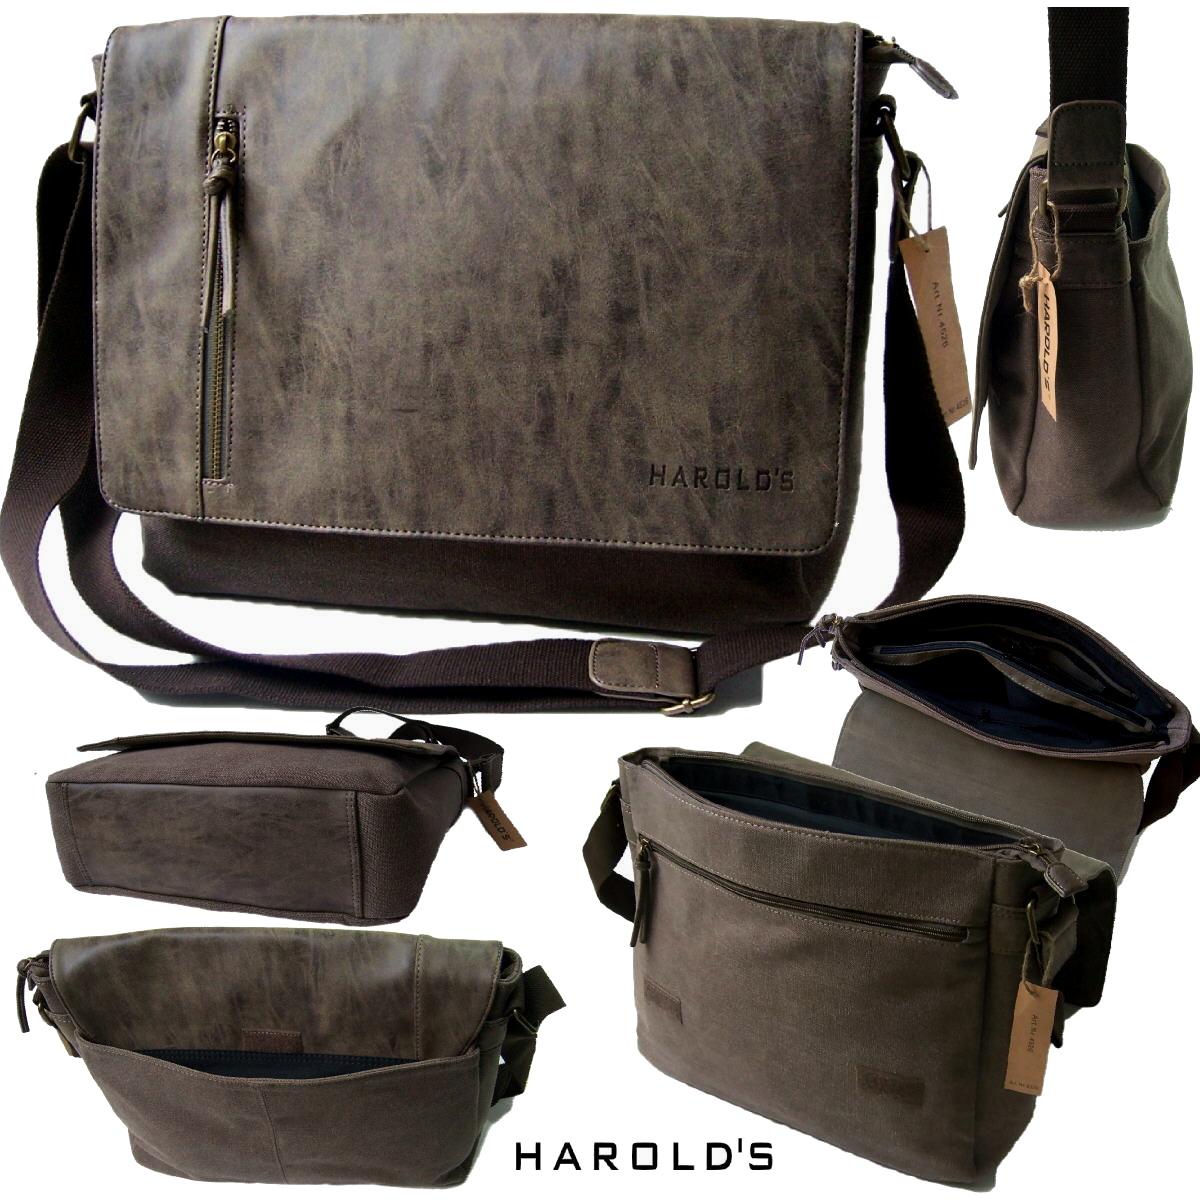 Tasche Umhängetasche Herren Canvas Harold's Messenger braun Ta8044